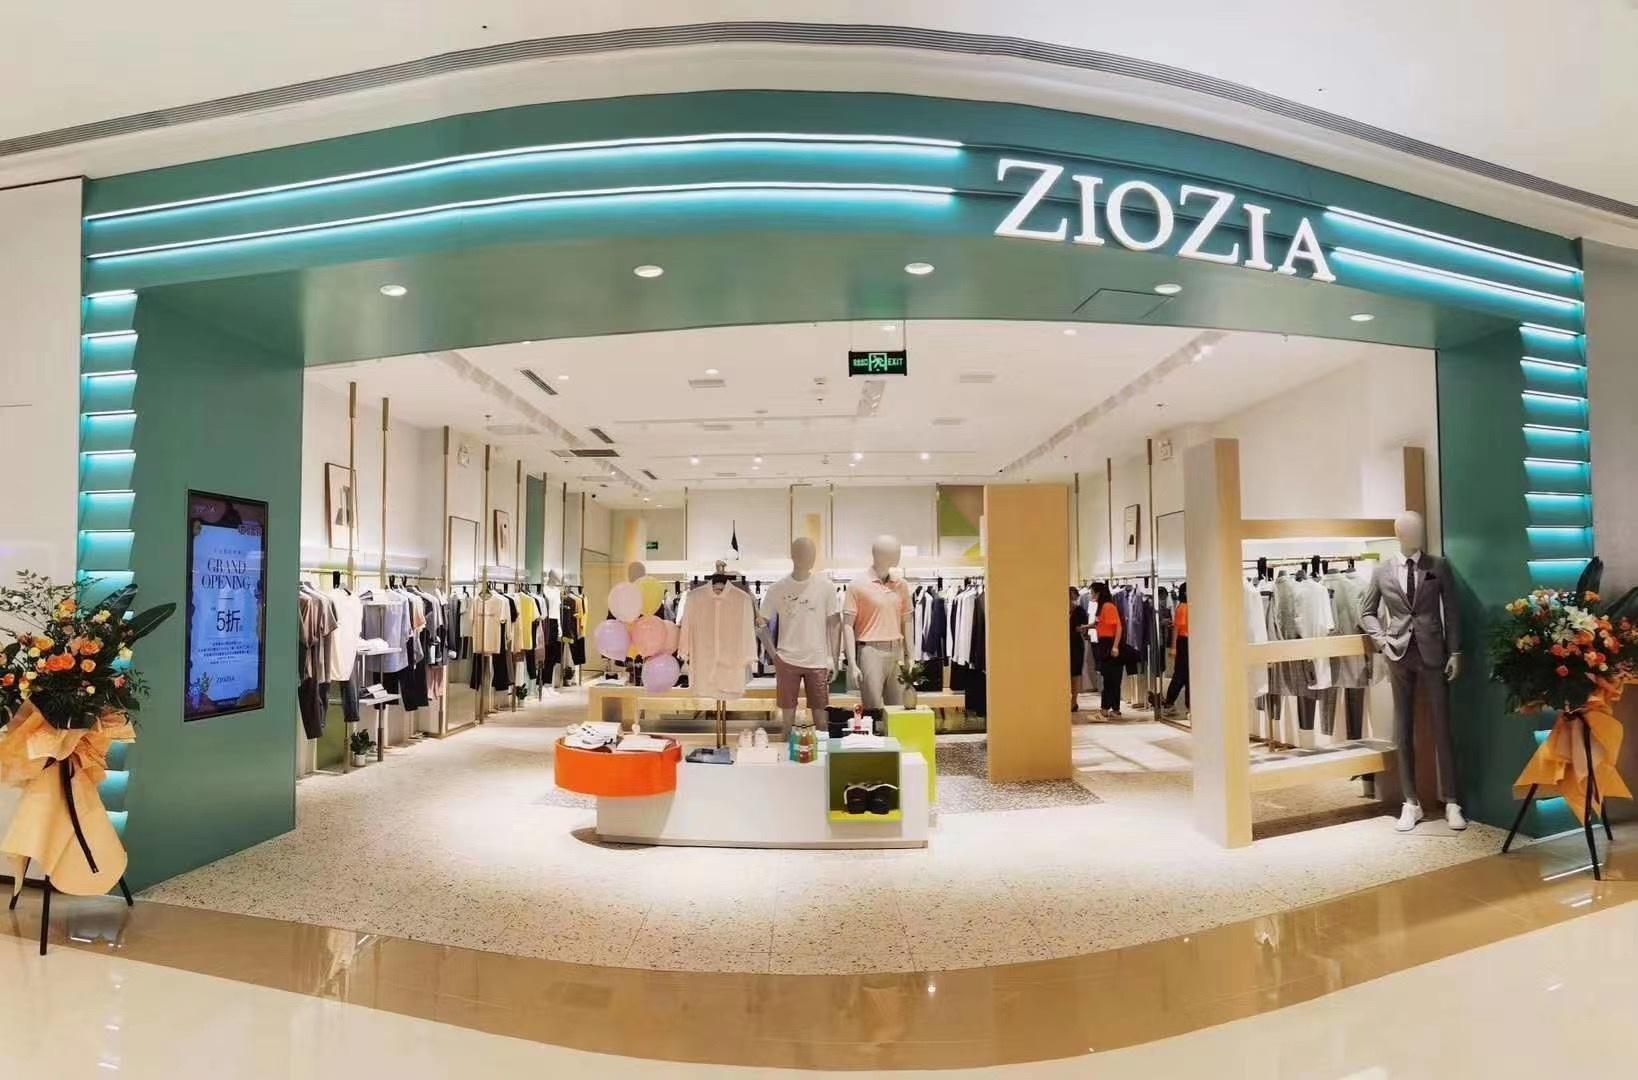 九牧王旗下的韩国男装ZIOZIA一周之内开四店,疫情后是抢占渠道的好时机吗?